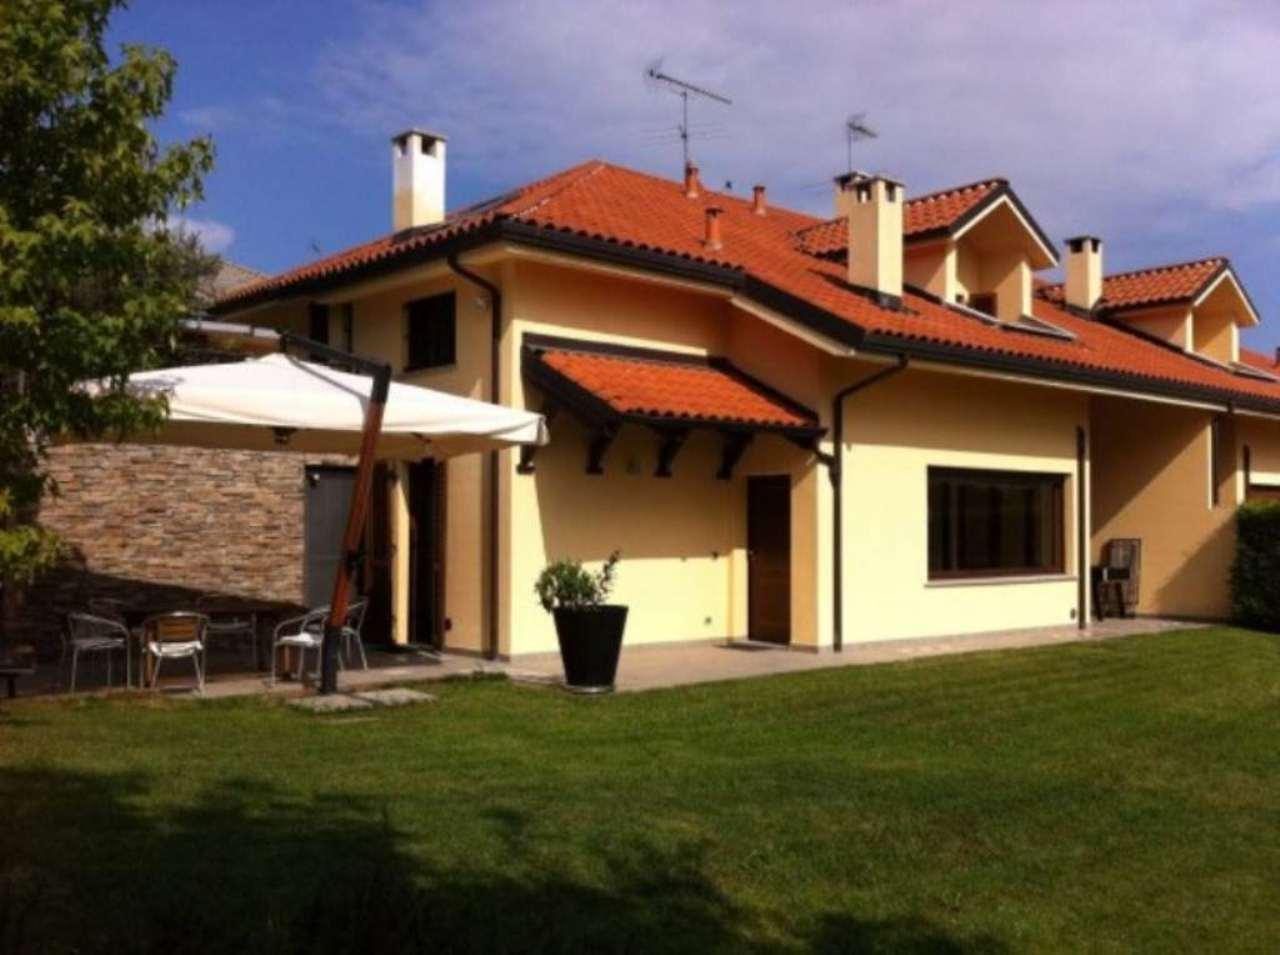 Villa in vendita a Pino Torinese, 9999 locali, prezzo € 510.000 | Cambio Casa.it